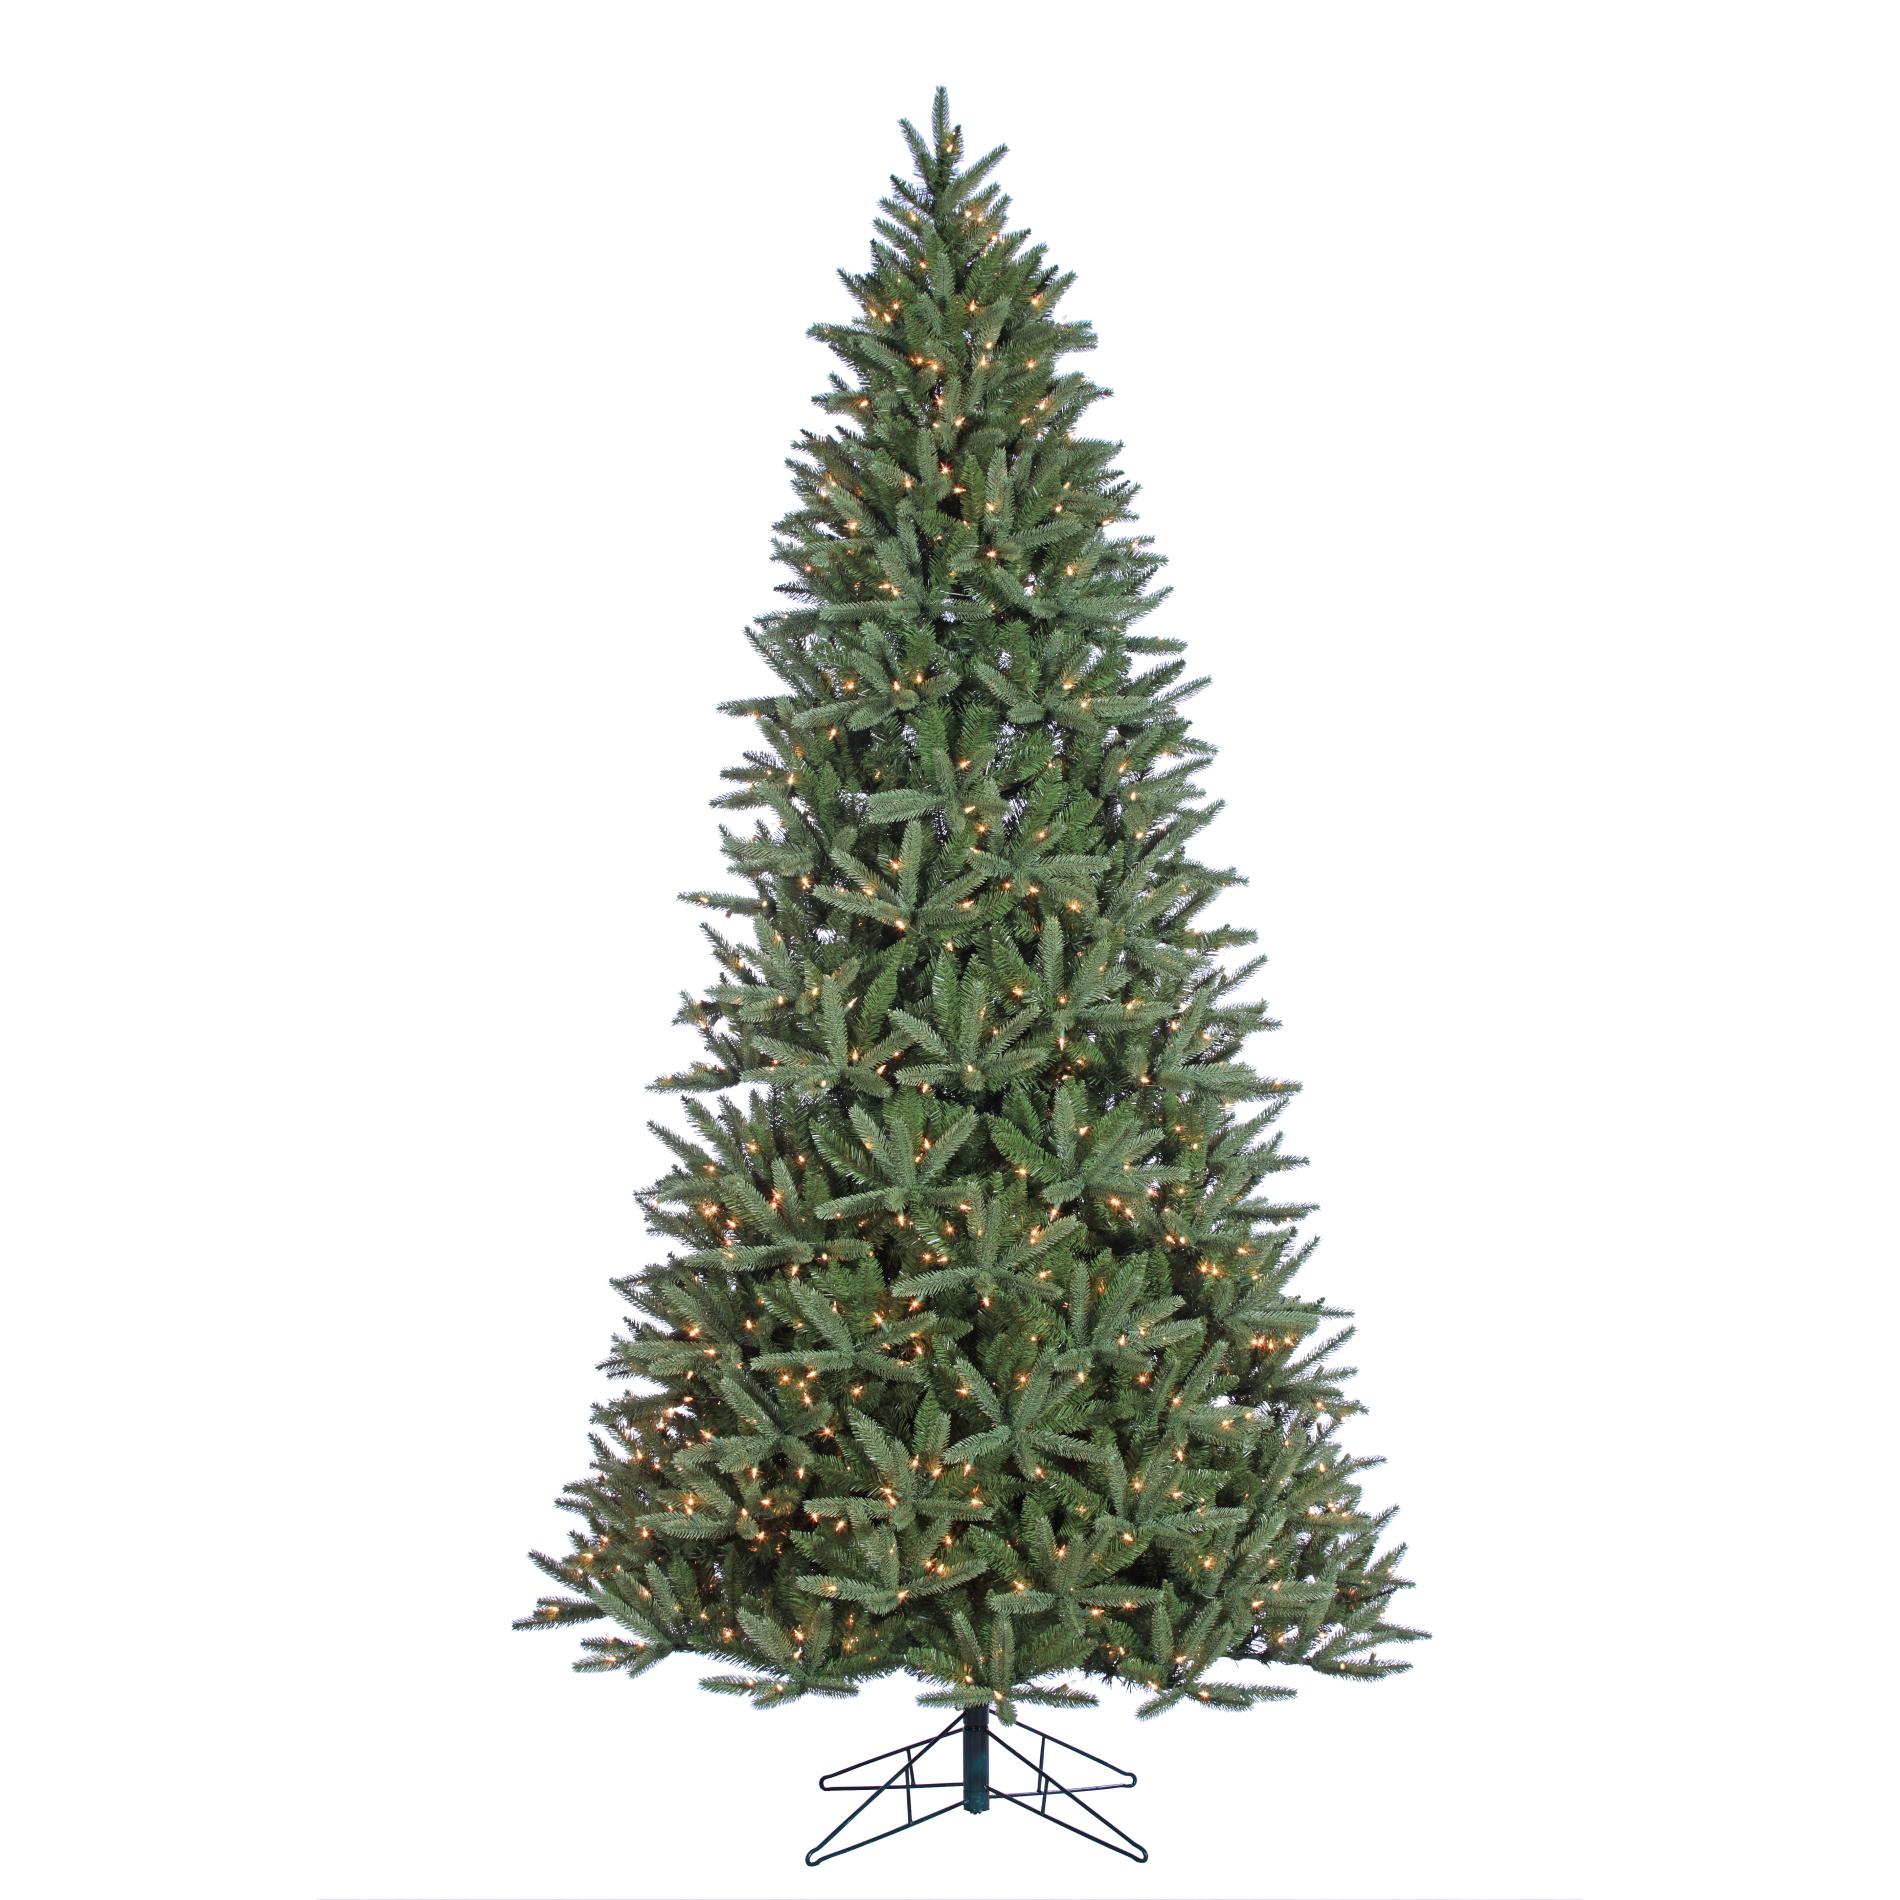 Lit A Donner donner & blitzen asoa-t90z-01sslc 9' pre-lit montana fir christmas